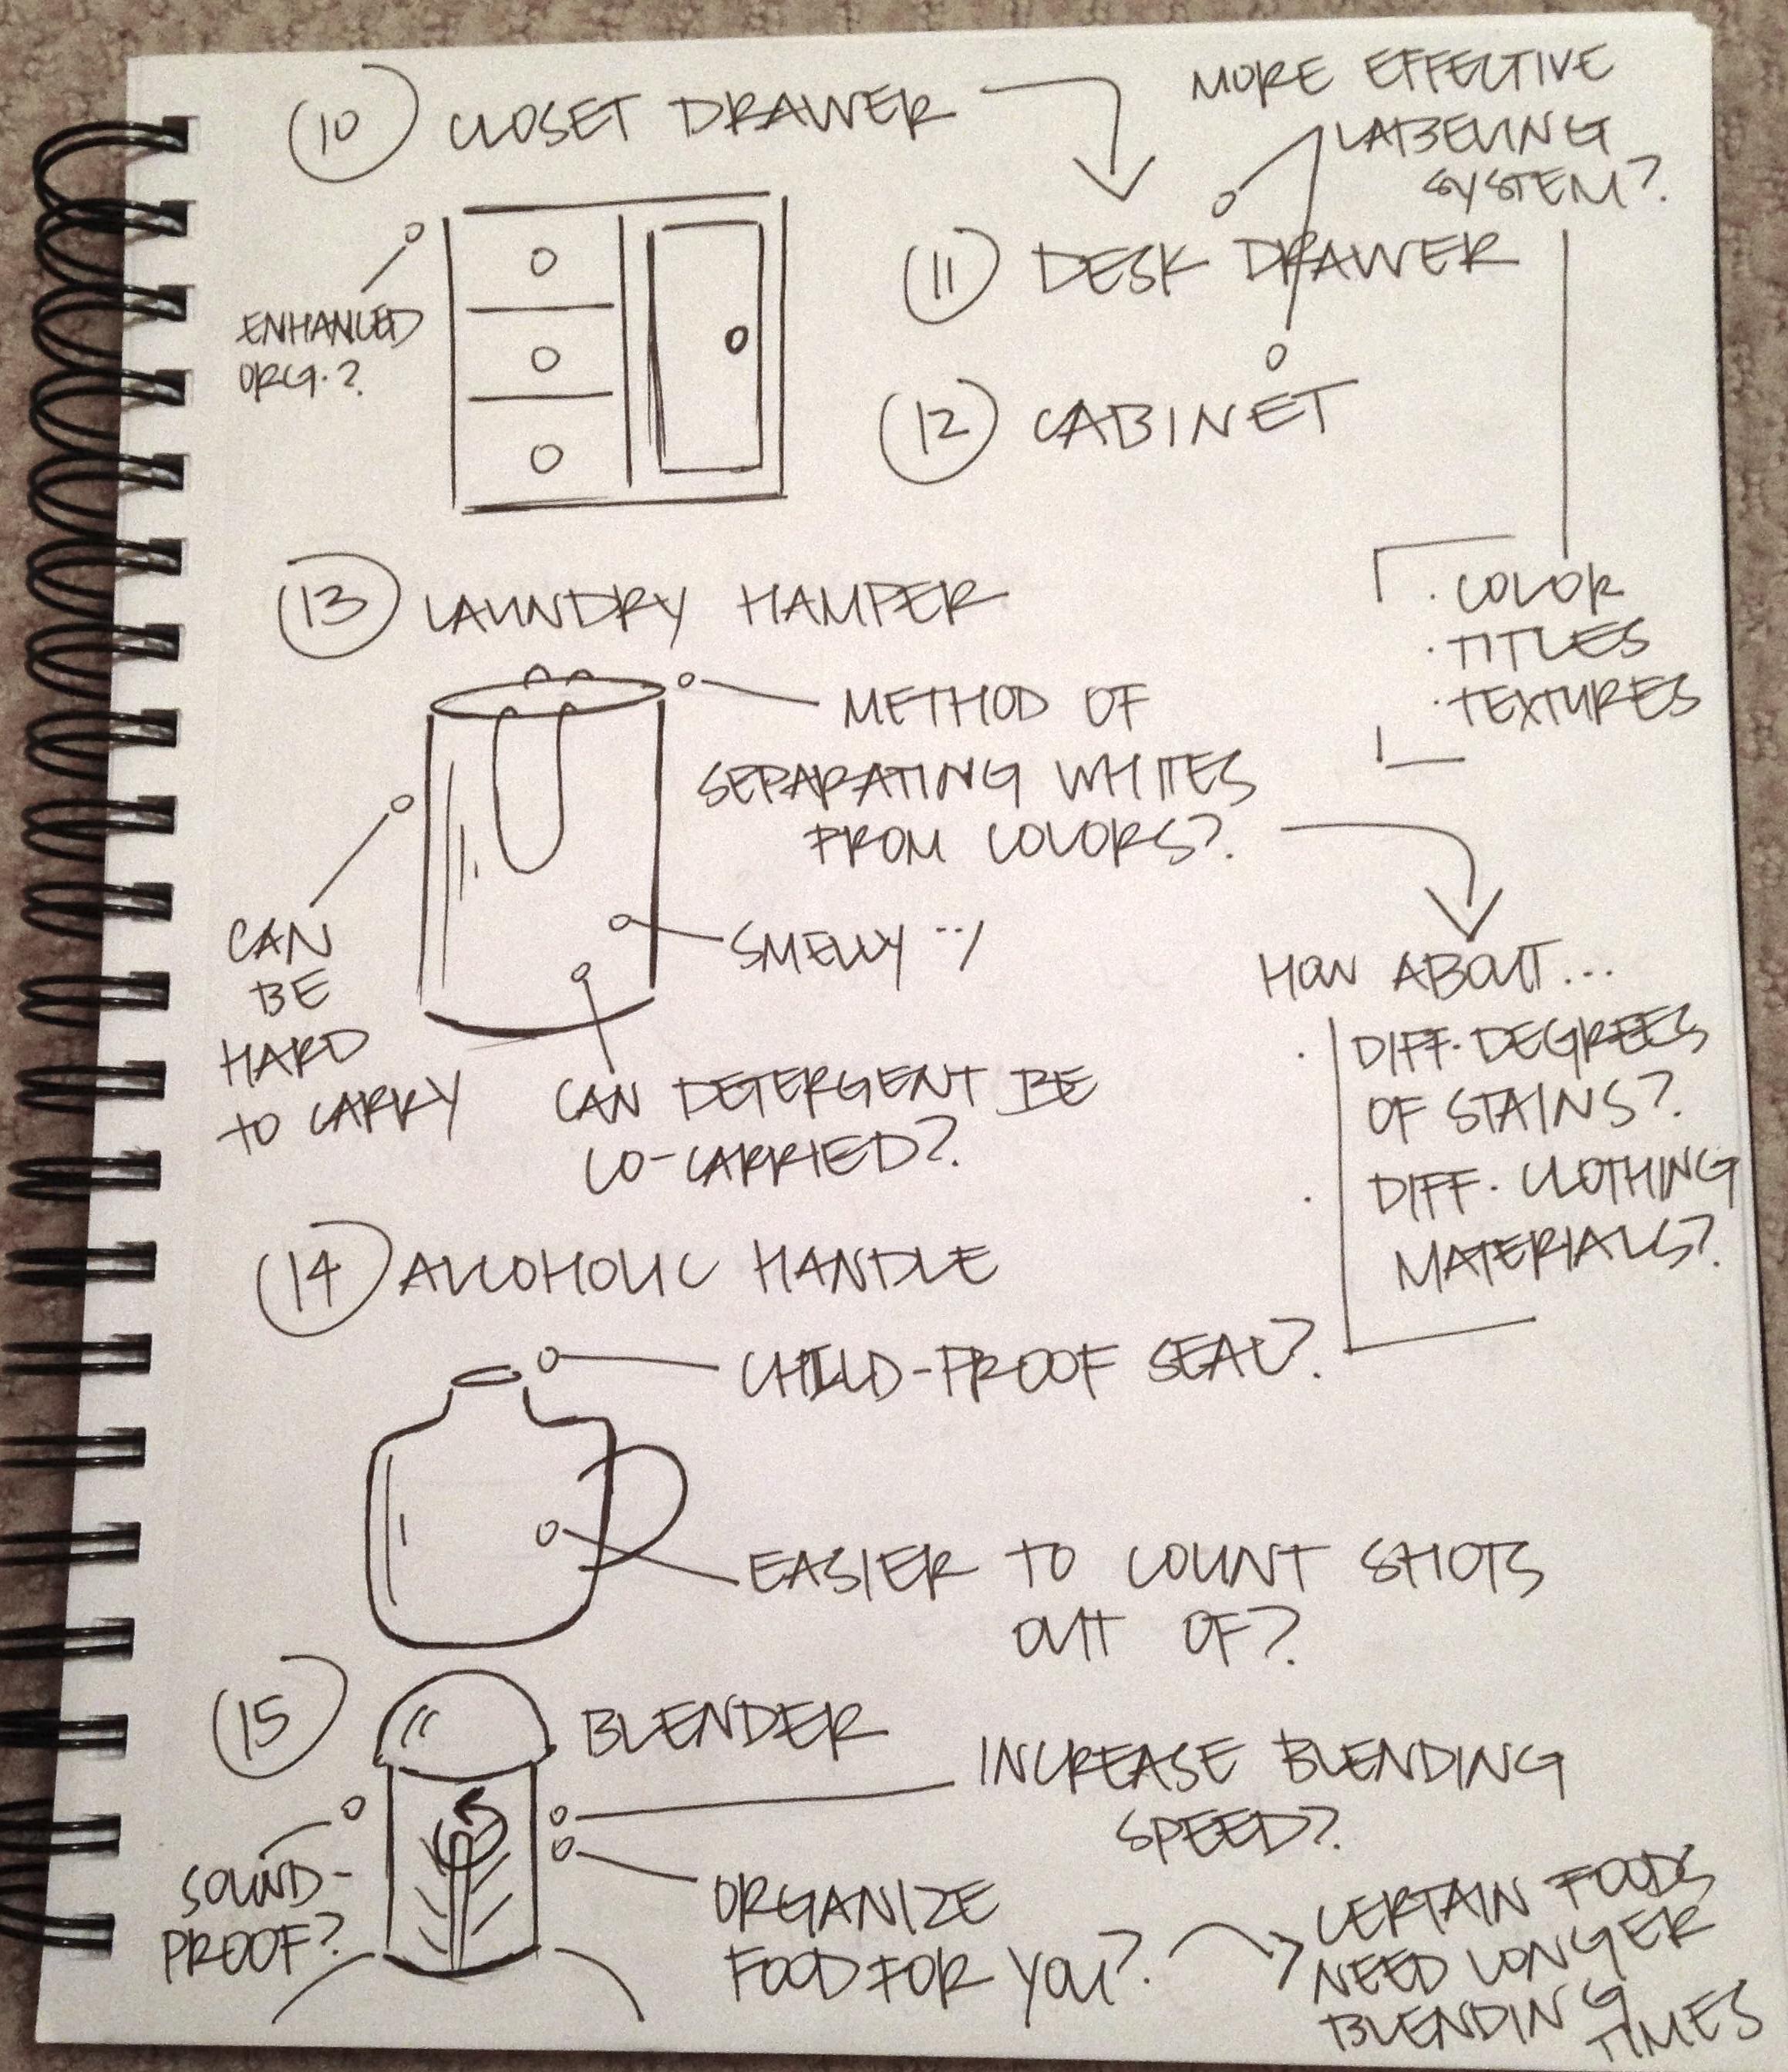 DP3: 100+ Things Brainstorm (3/8)